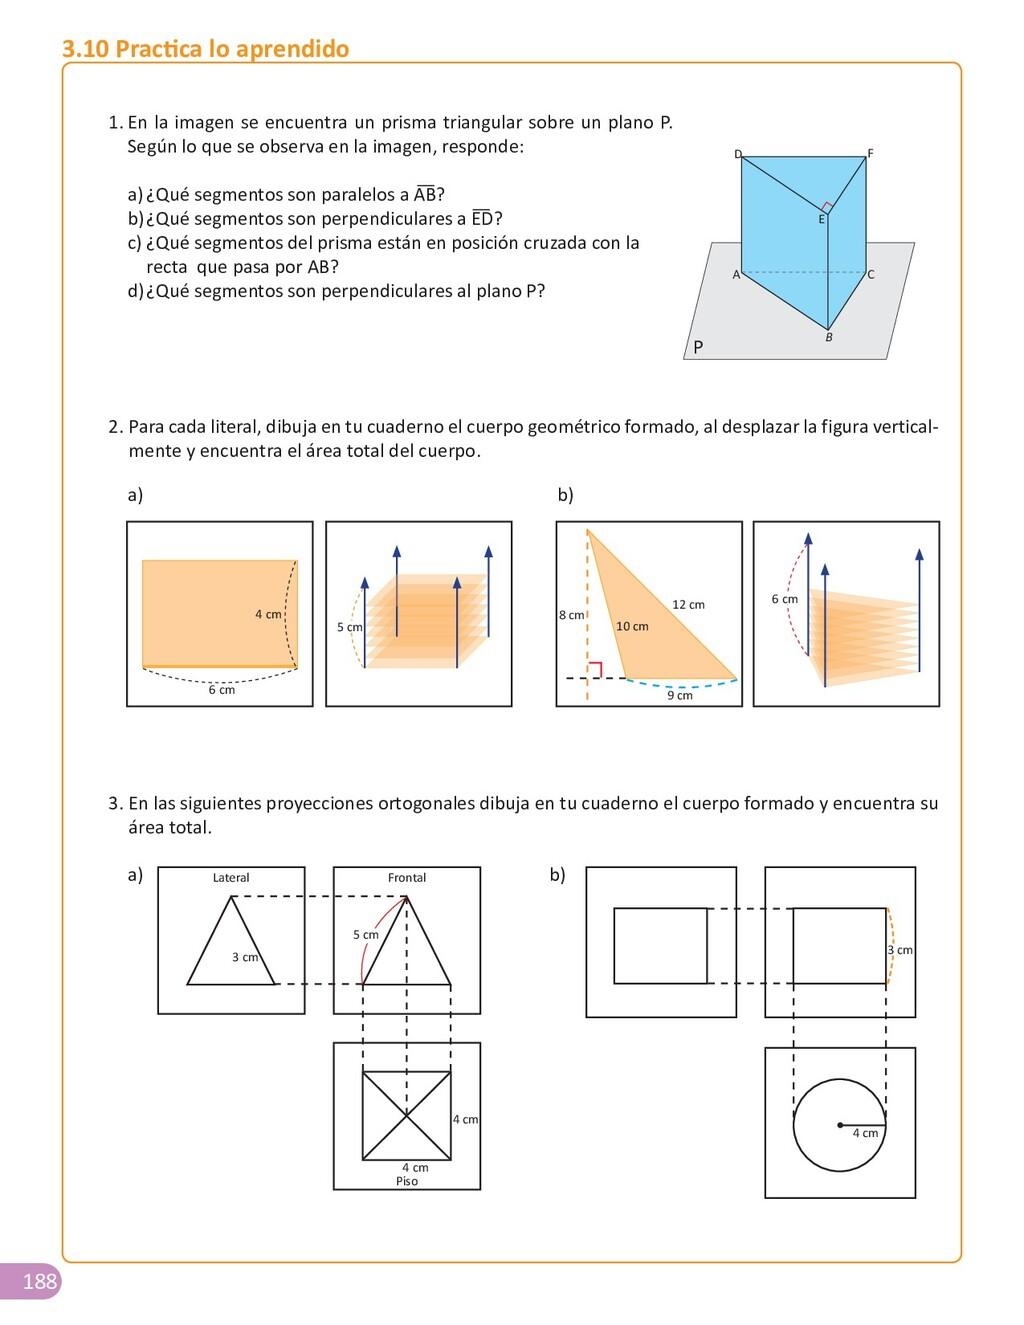 188 1. En la imagen se encuentra un prisma tria...